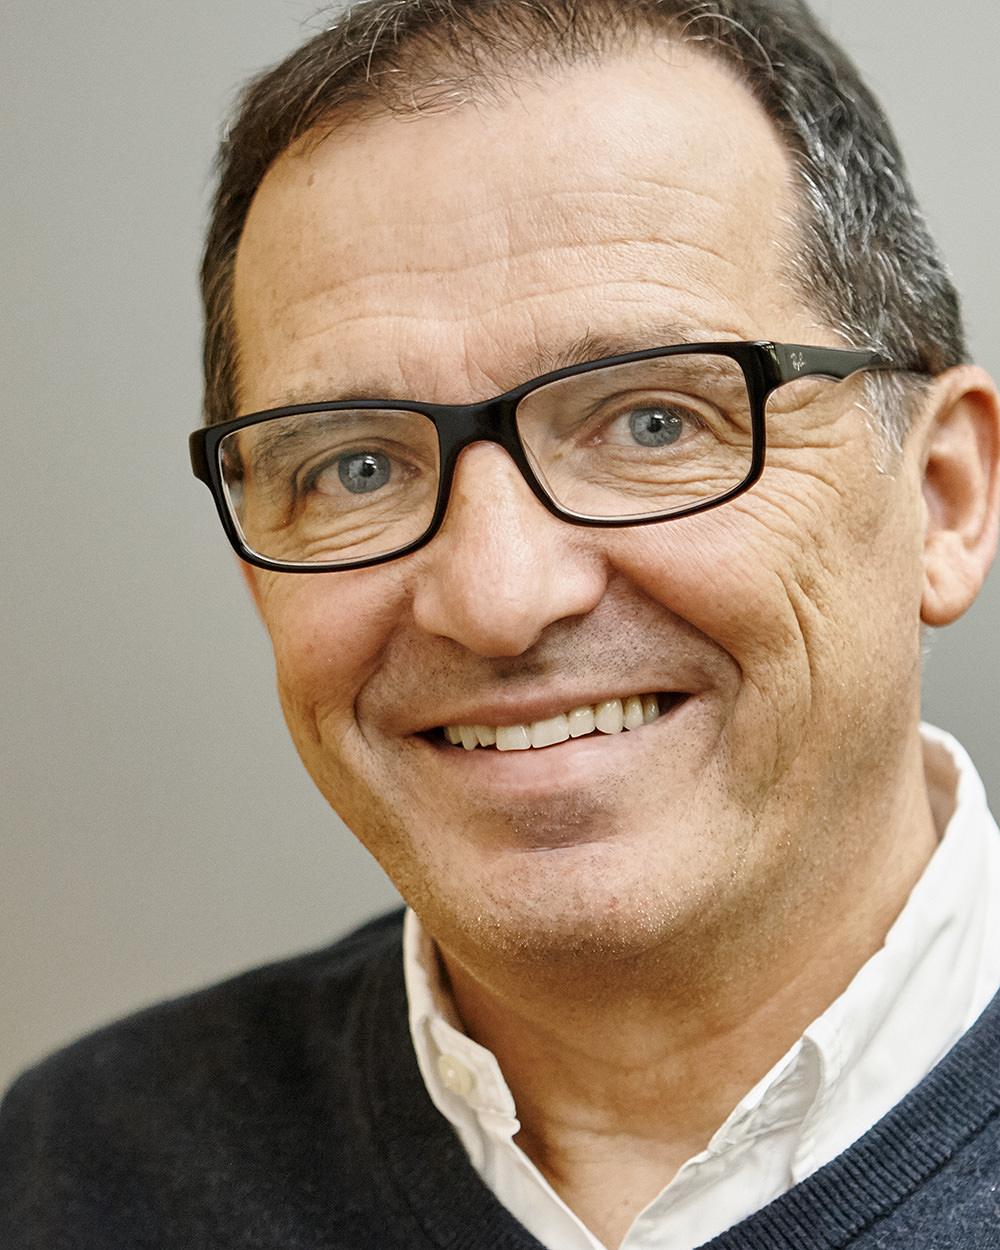 Gerhard Buttinger   g.buttinger@sicherheitsmesse.at    +43 664 / 28 24 100